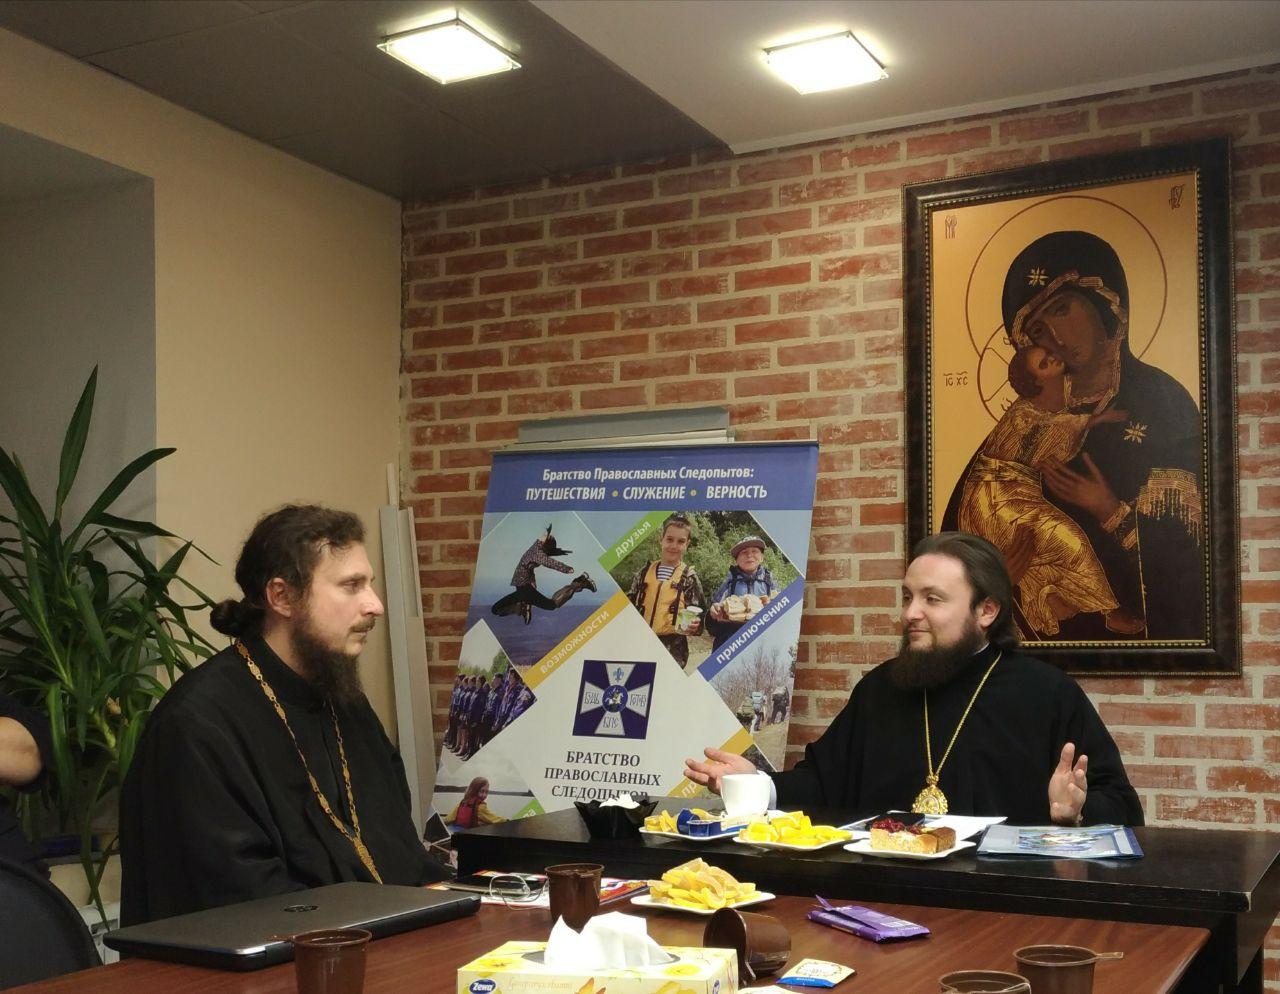 На Крутицком подворье состоялась презентация молодежного детско-юношеского проекта «Служение» Братства Православных Следопытов